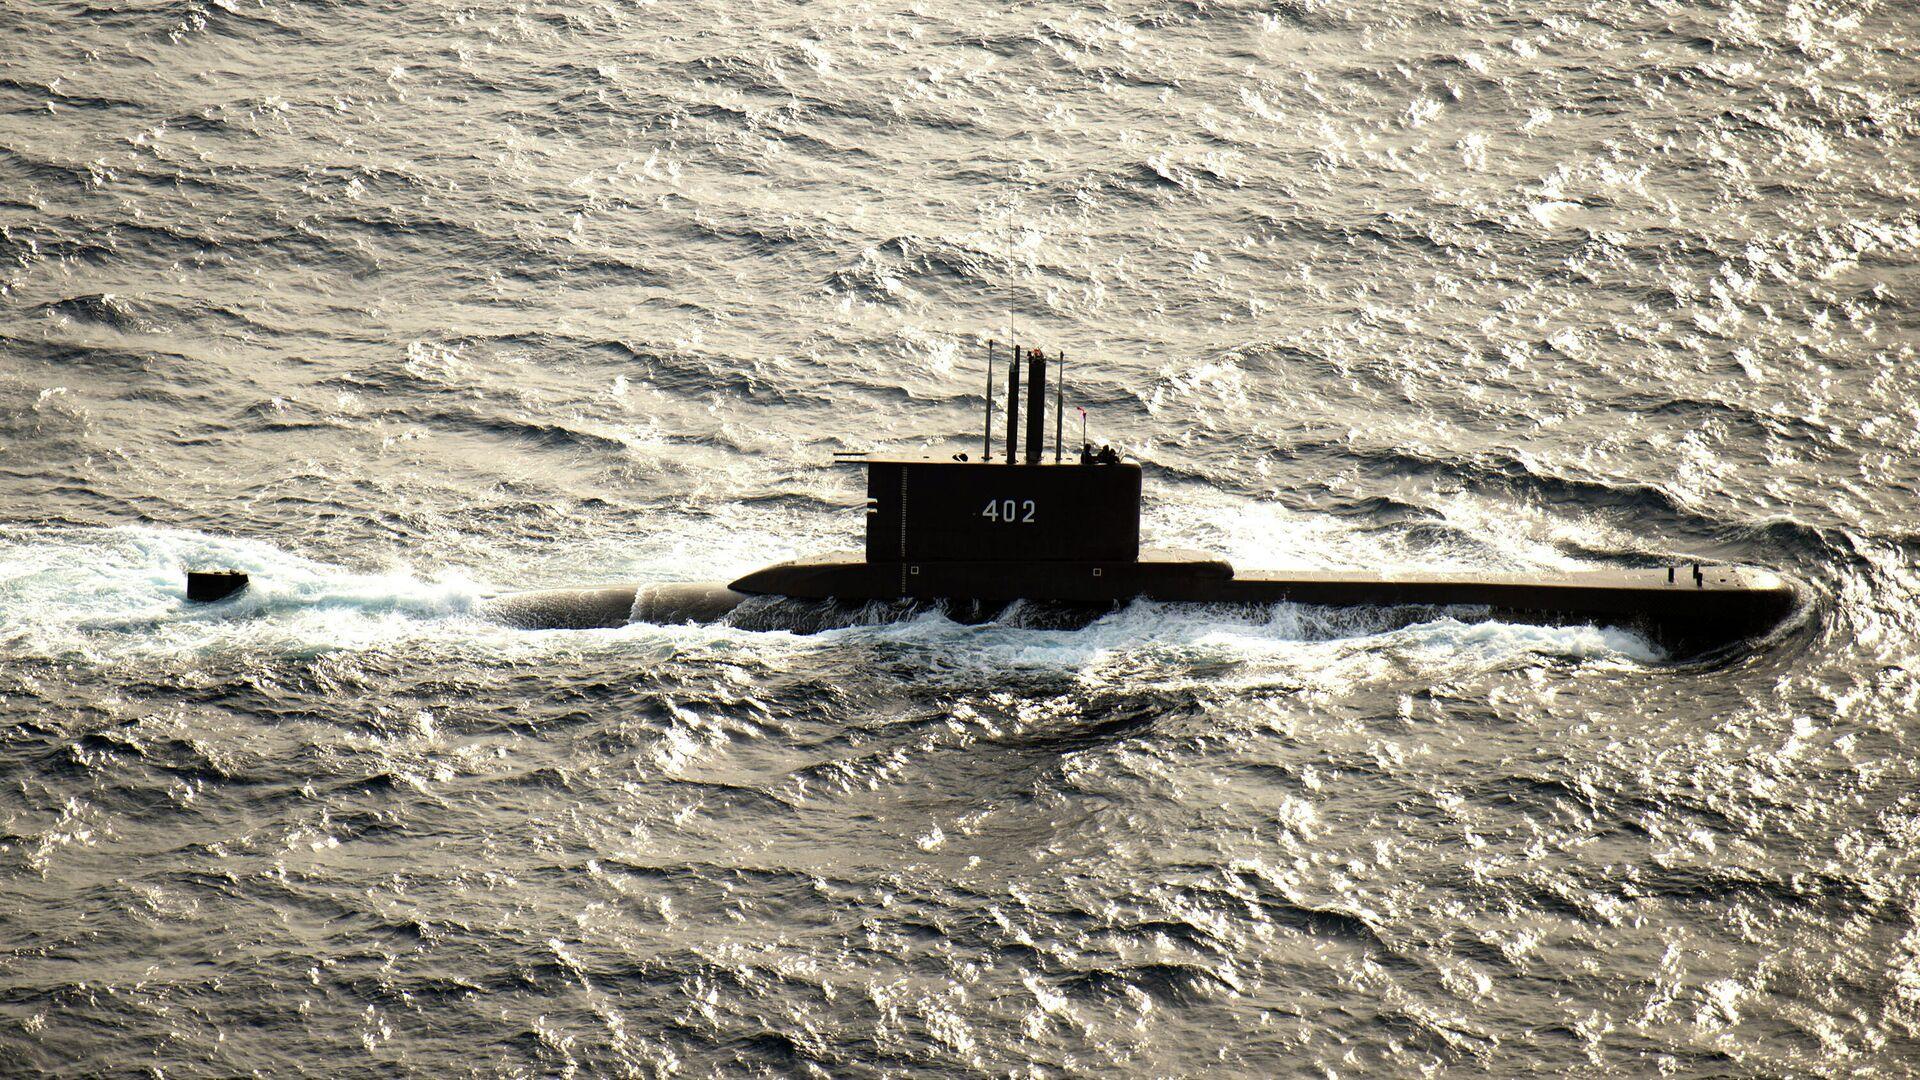 Подводная лодка ВМС Индонезии KRI Nanggala-402 - РИА Новости, 1920, 25.04.2021